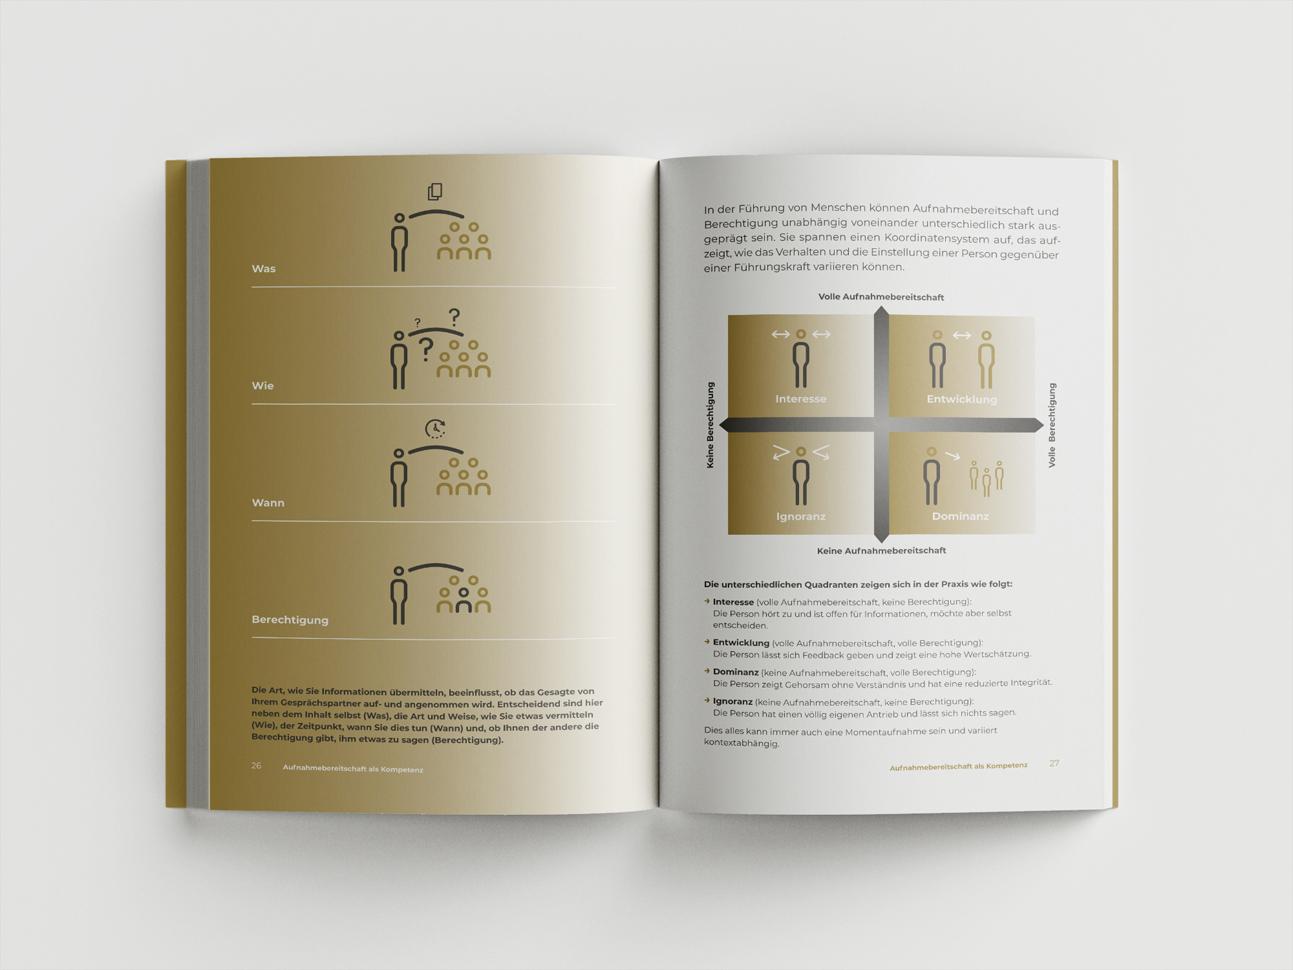 martin zech design, buchgestaltung, atilla vuran, mypontea, doppelseite 5